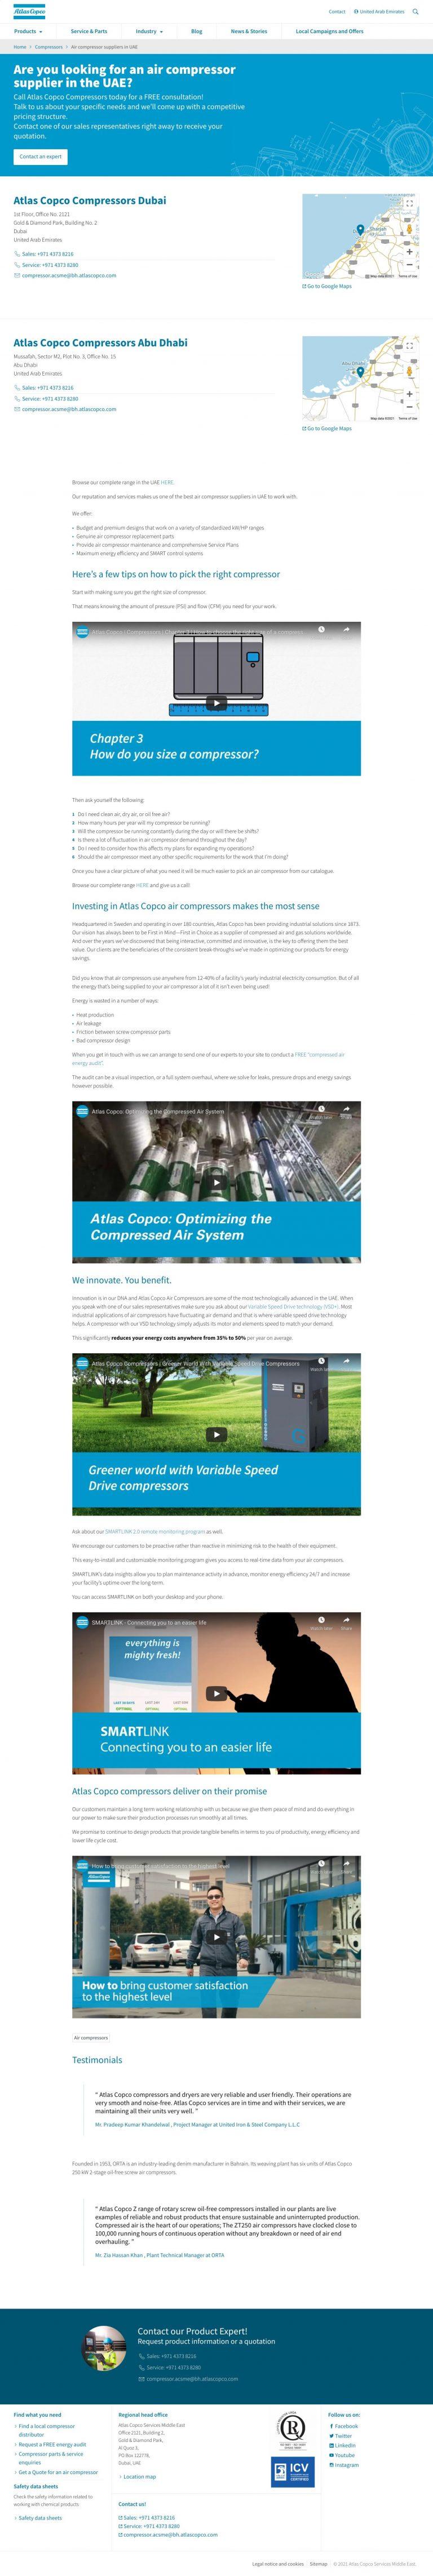 Get-Air-Compressors-Supplied-In-UAE-Speak-to-Atlas-Copco-Atlas-Copco-UAE